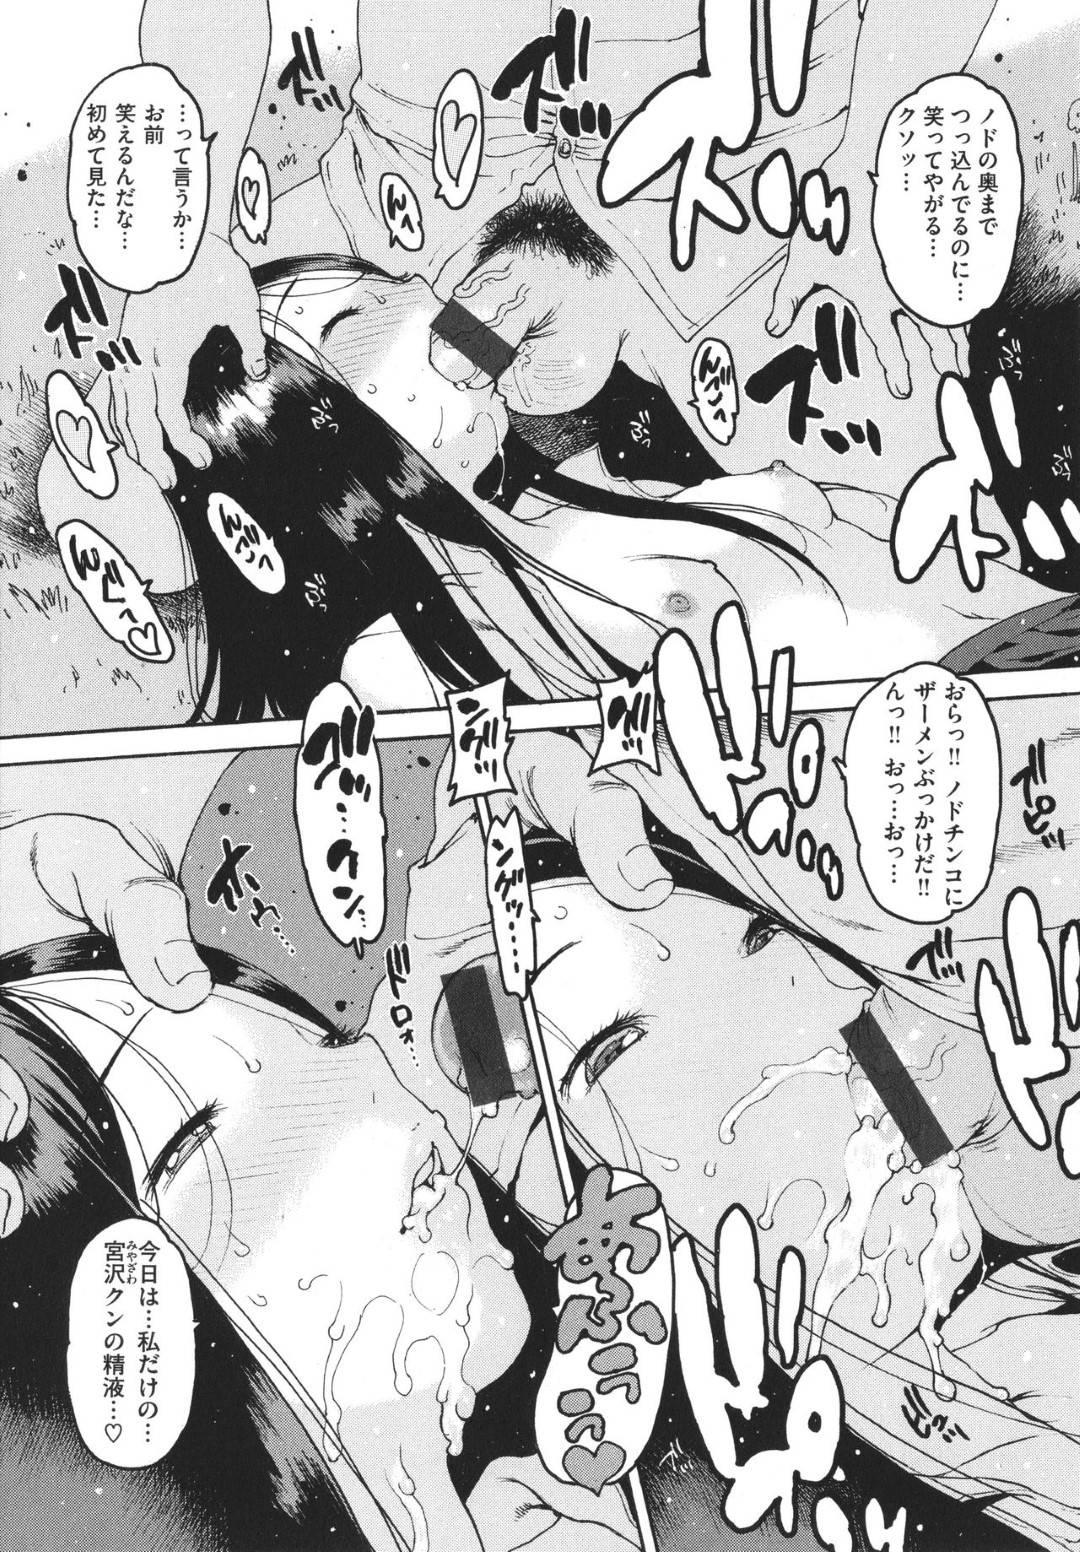 【エロ同人誌】女性とセックスしまくりの男子生徒の性奴隷となる地味系JK…肉便器の扱いを受けているが全く嫌な顔せず喜んでチンポにご奉仕!【オリジナル】